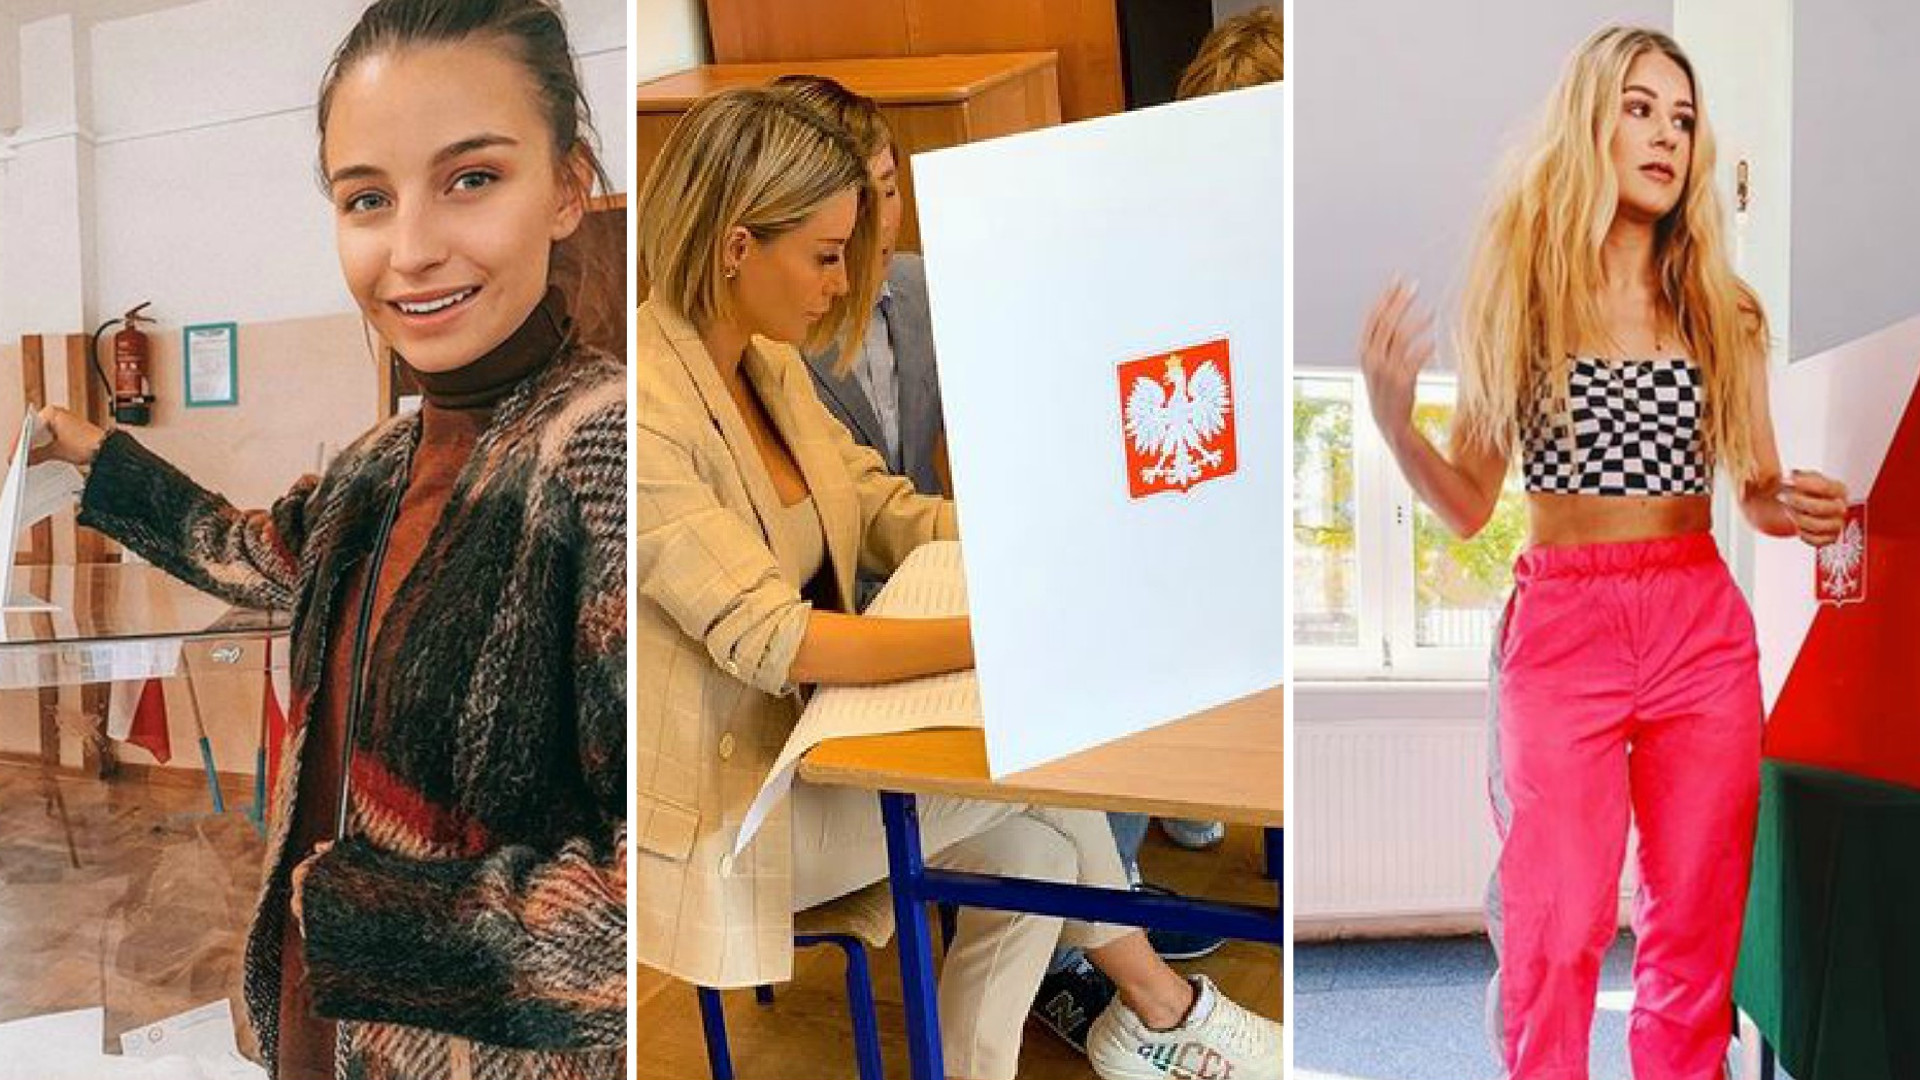 Gwiazdy idą głosować – Instagram zalała fala zdjęć sprzed urn wyborczych (ZDJĘCIA)